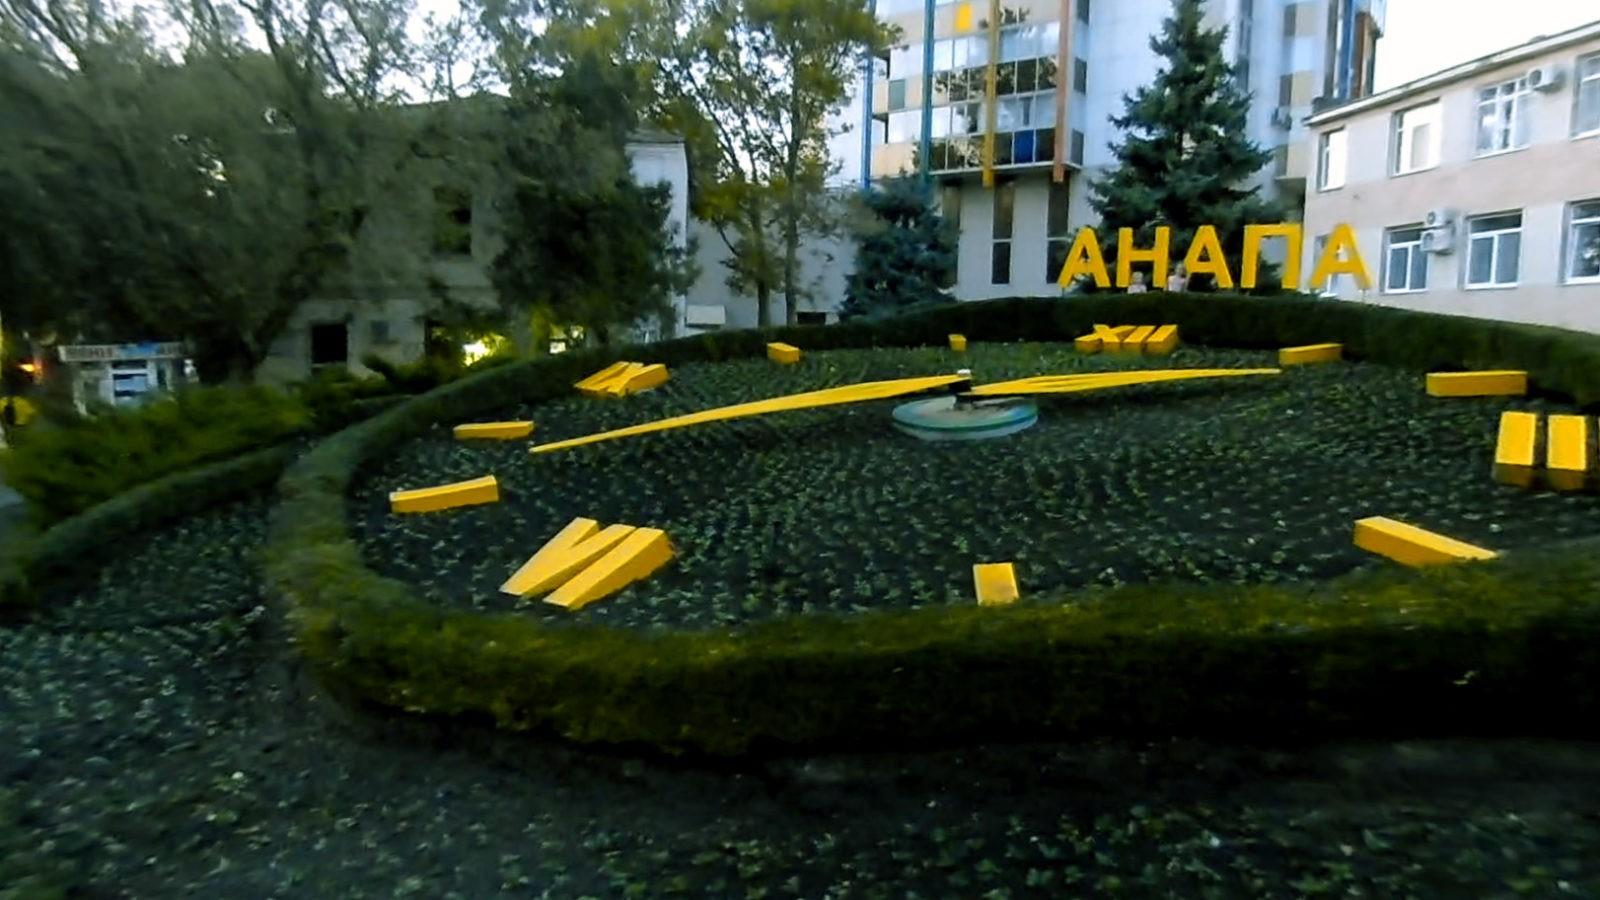 Какая осень в Анапе? Погода в конце сентября. полезные советы отдых и развлечения Анапа